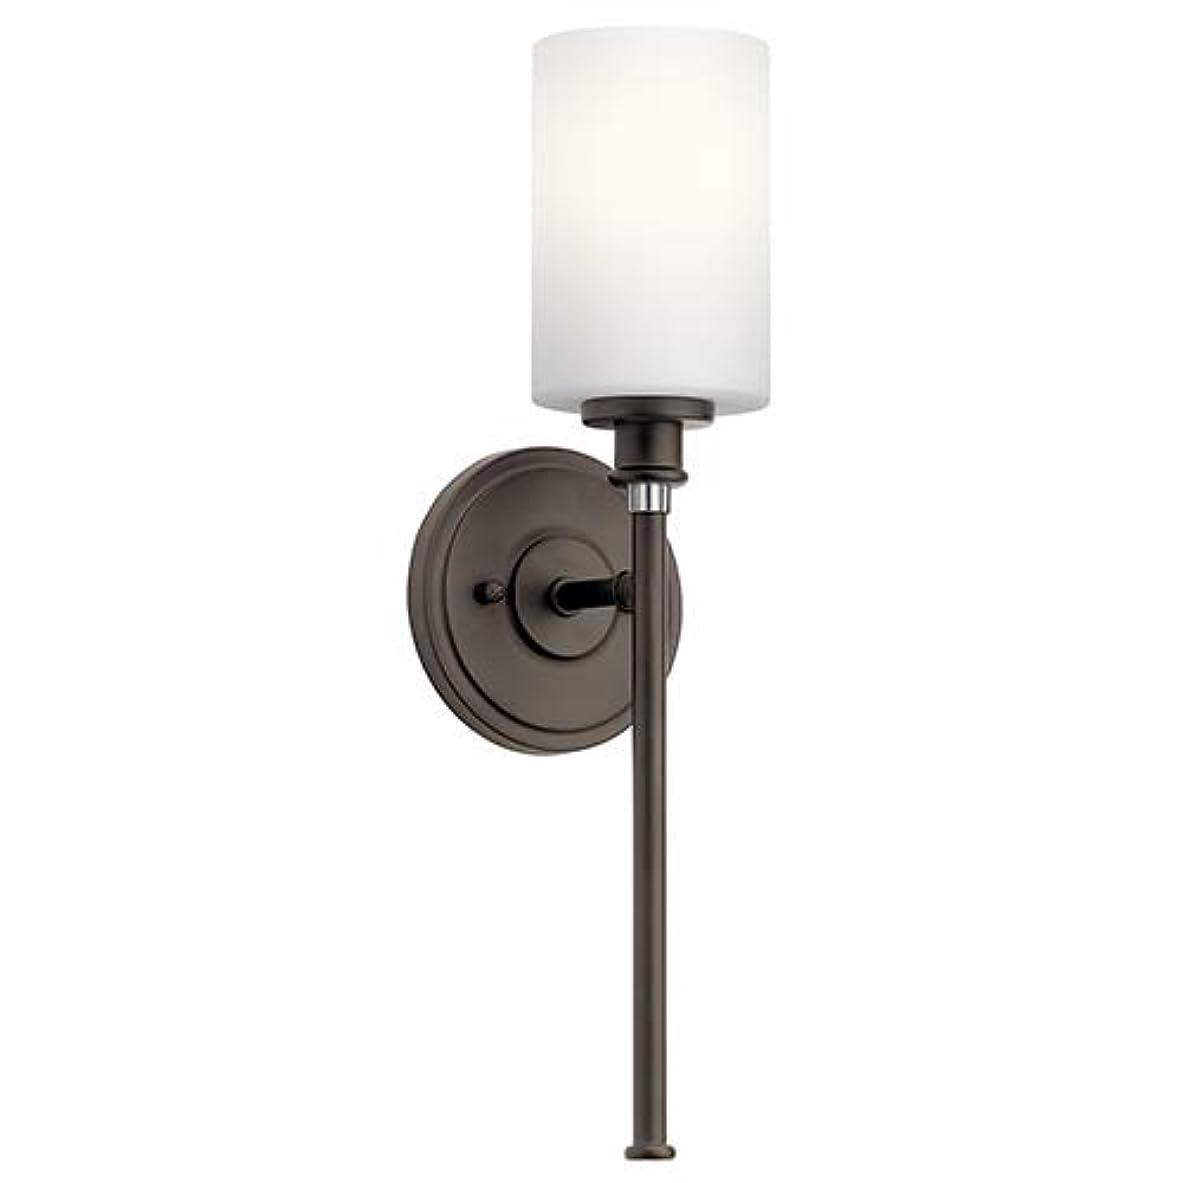 利点希望に満ちたタヒチKichler 45921OZL18 Joelson 壁取り付け用燭台、1ライト LED 10ワット、オールドブロンズ